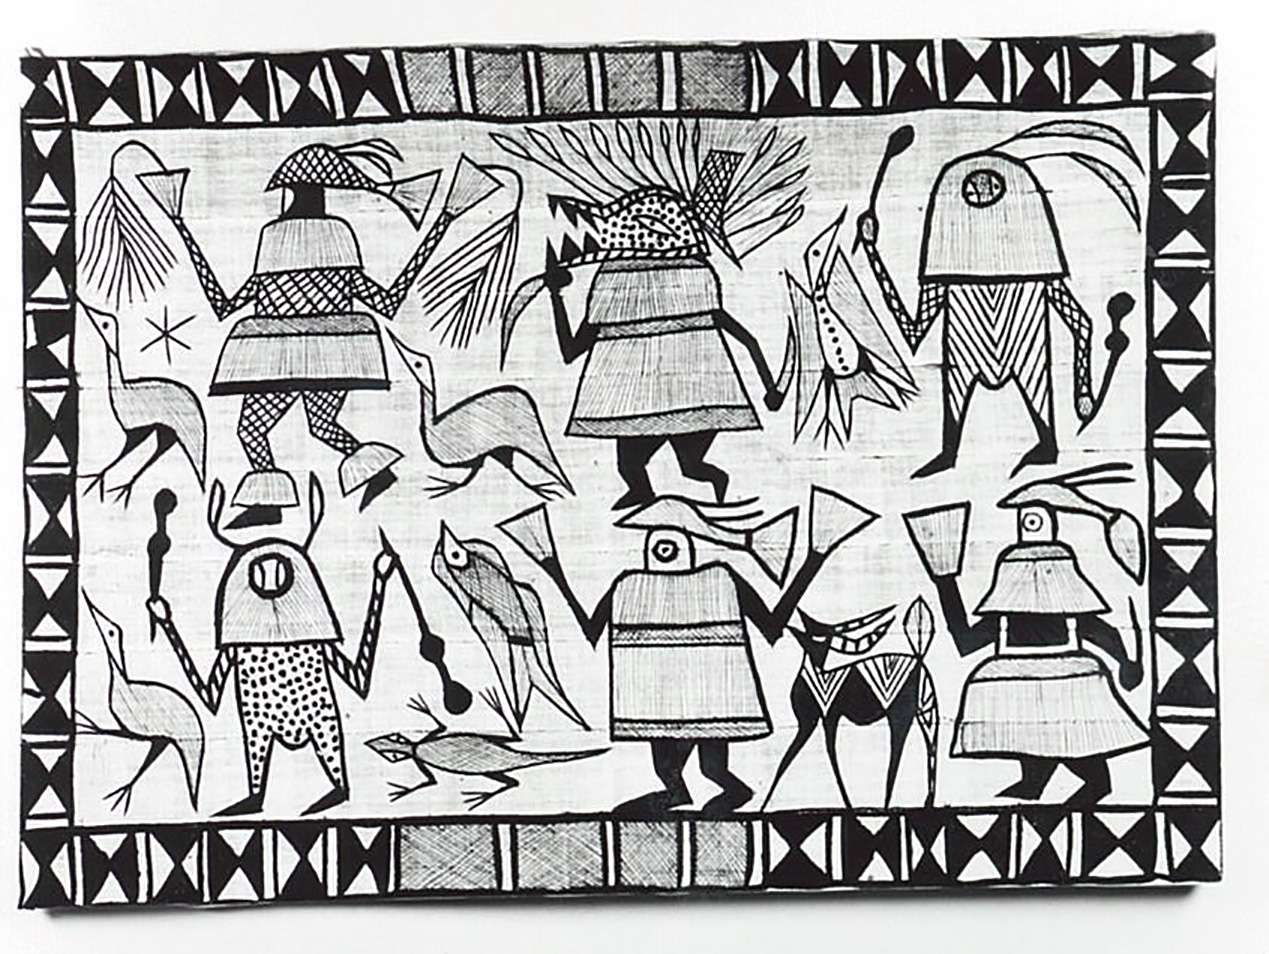 アフリカセヌフォ族の絵布